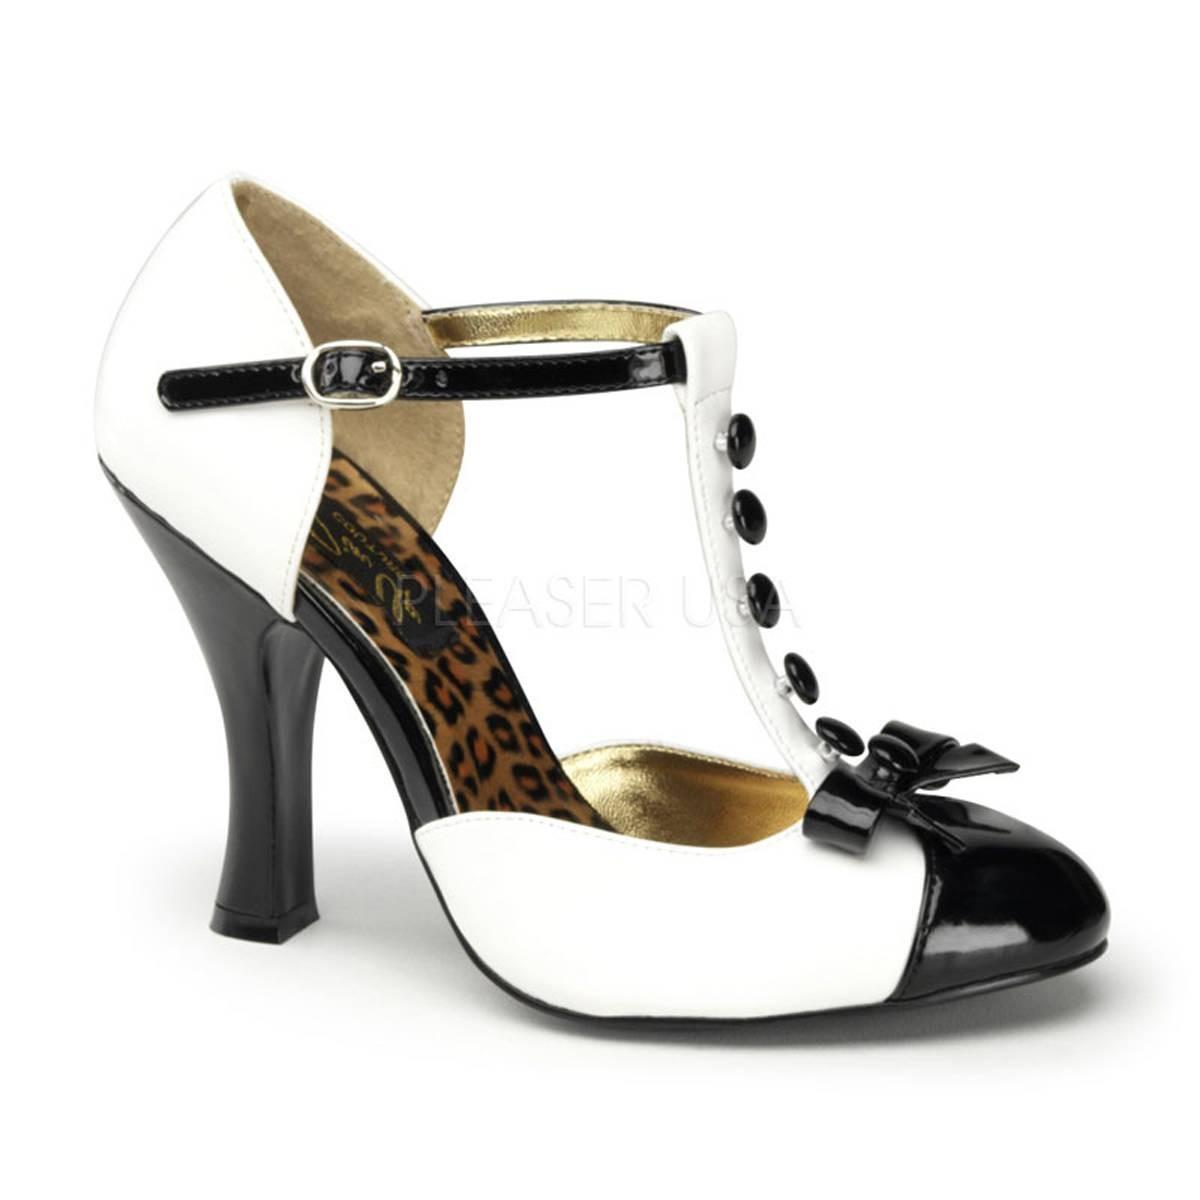 Pumps - SMITTEN 10 ° Damen Pumps ° Weiß Schwarz Glänzend ° Pin Up Couture  - Onlineshop RedSixty